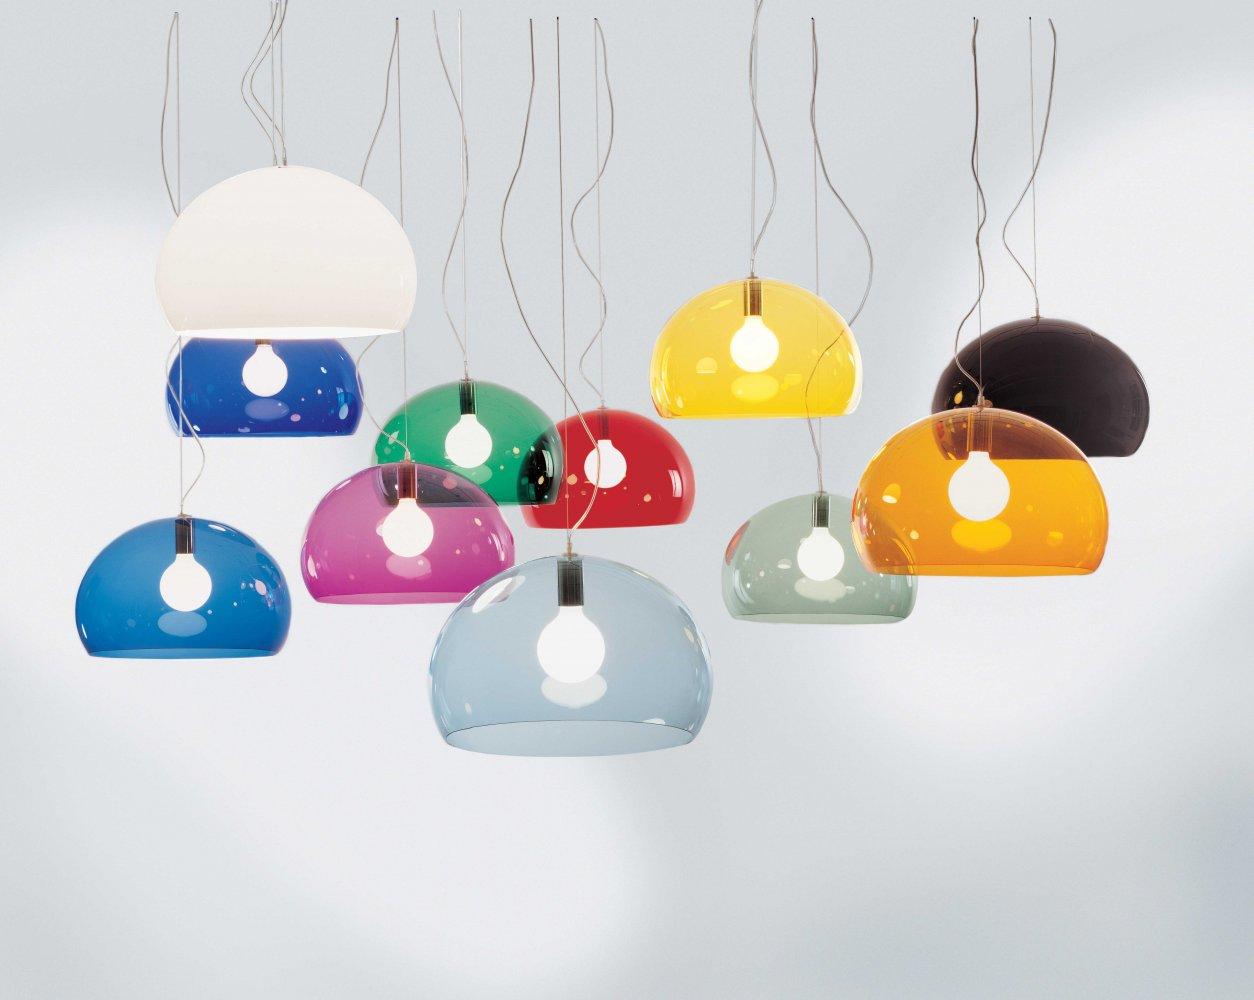 Die Hängeleuchte Fly von Kartell wurde vom Designer Philippe Starck entworfen. Inspiration für diese transparenten farbigen Lampenschirme waren Seifenblasen!